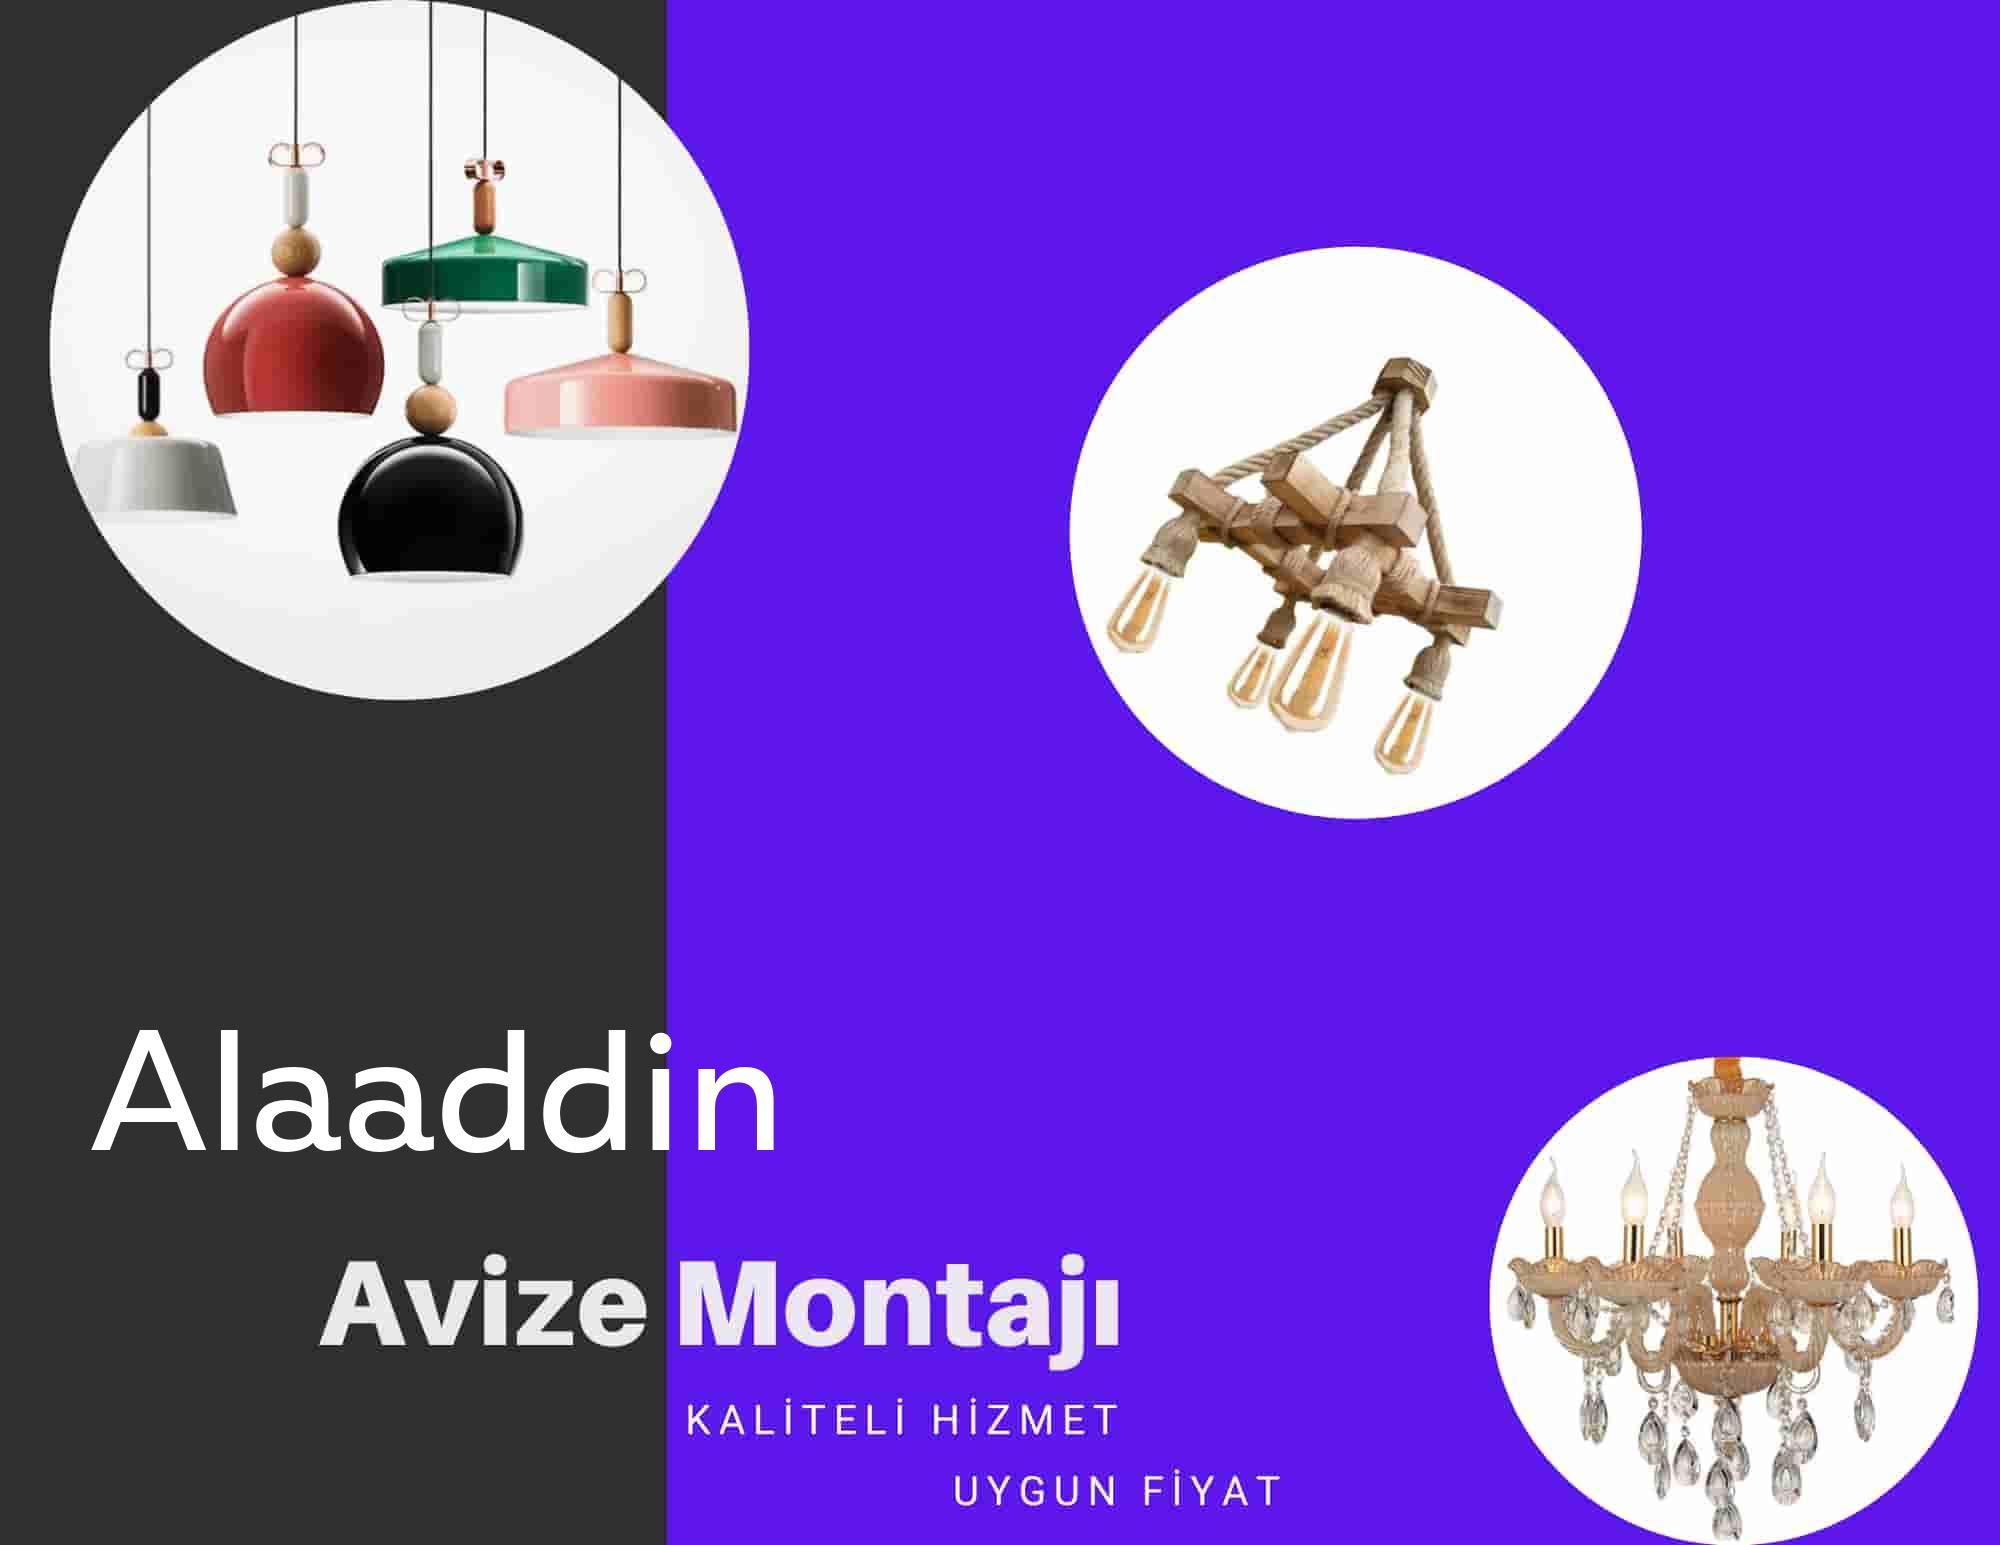 Alaaddin de avize montajı yapan yerler arıyorsanız elektrikcicagir anında size profesyonel avize montajı ustasını yönlendirir.